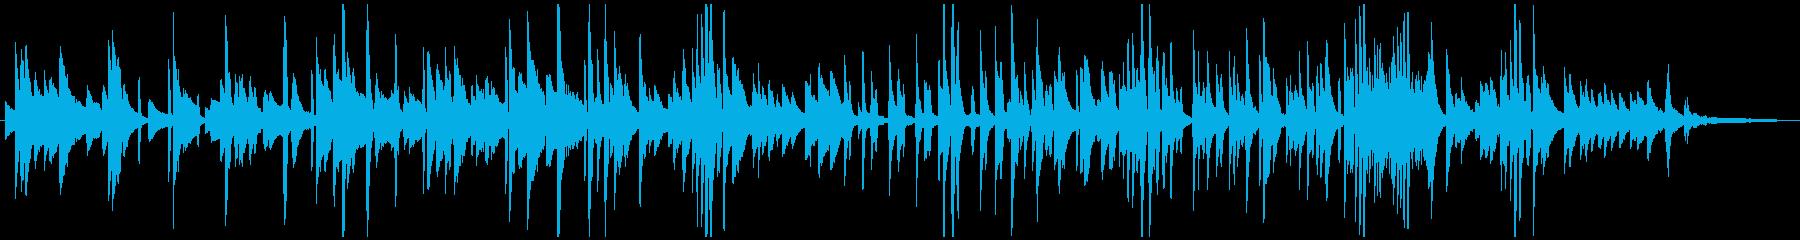 ゆっくりと揺れるジャズピアノの再生済みの波形